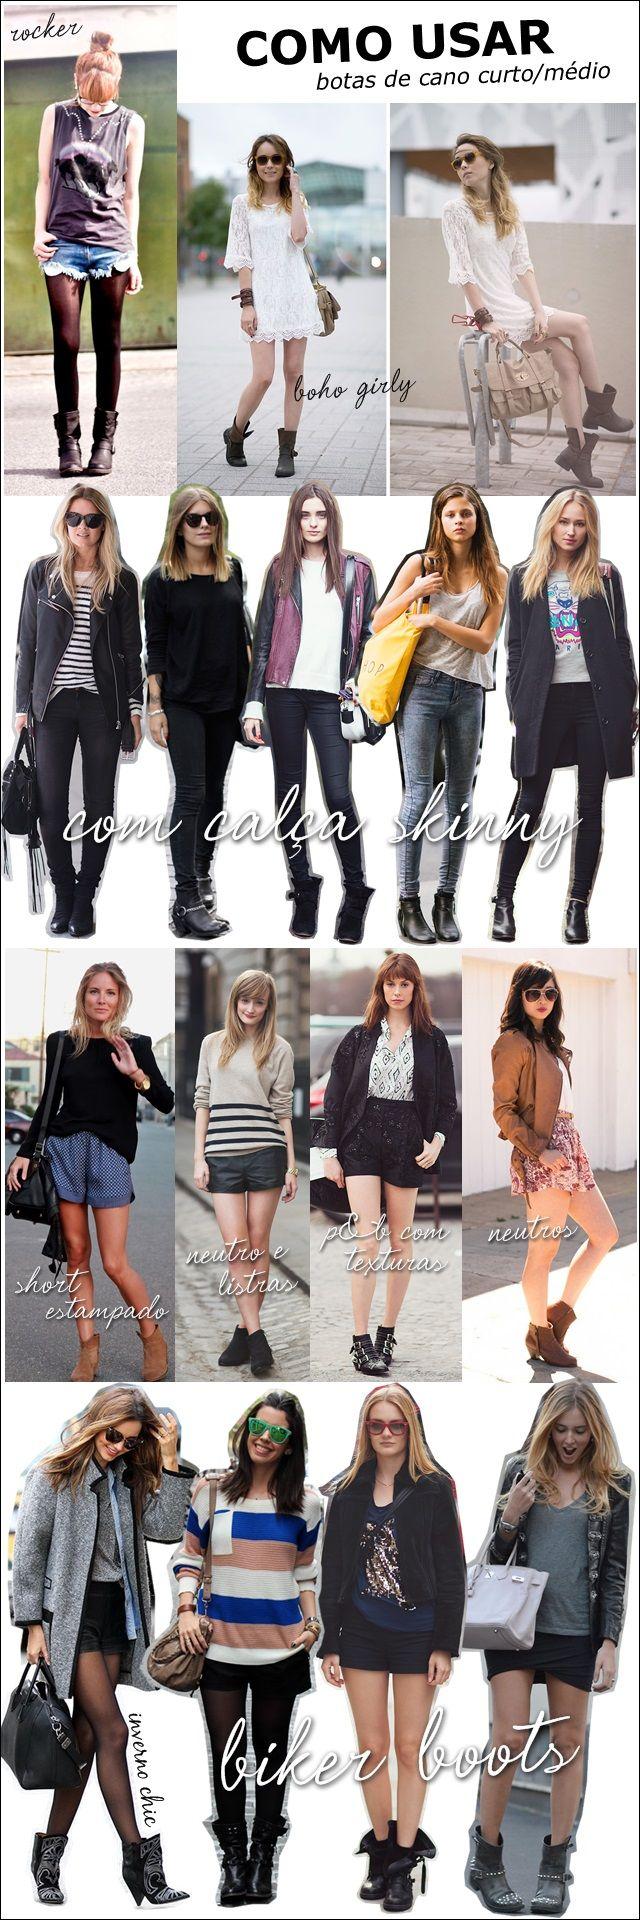 mundo-lolita-looks-como-usar-botas-cano-curto-e-médio